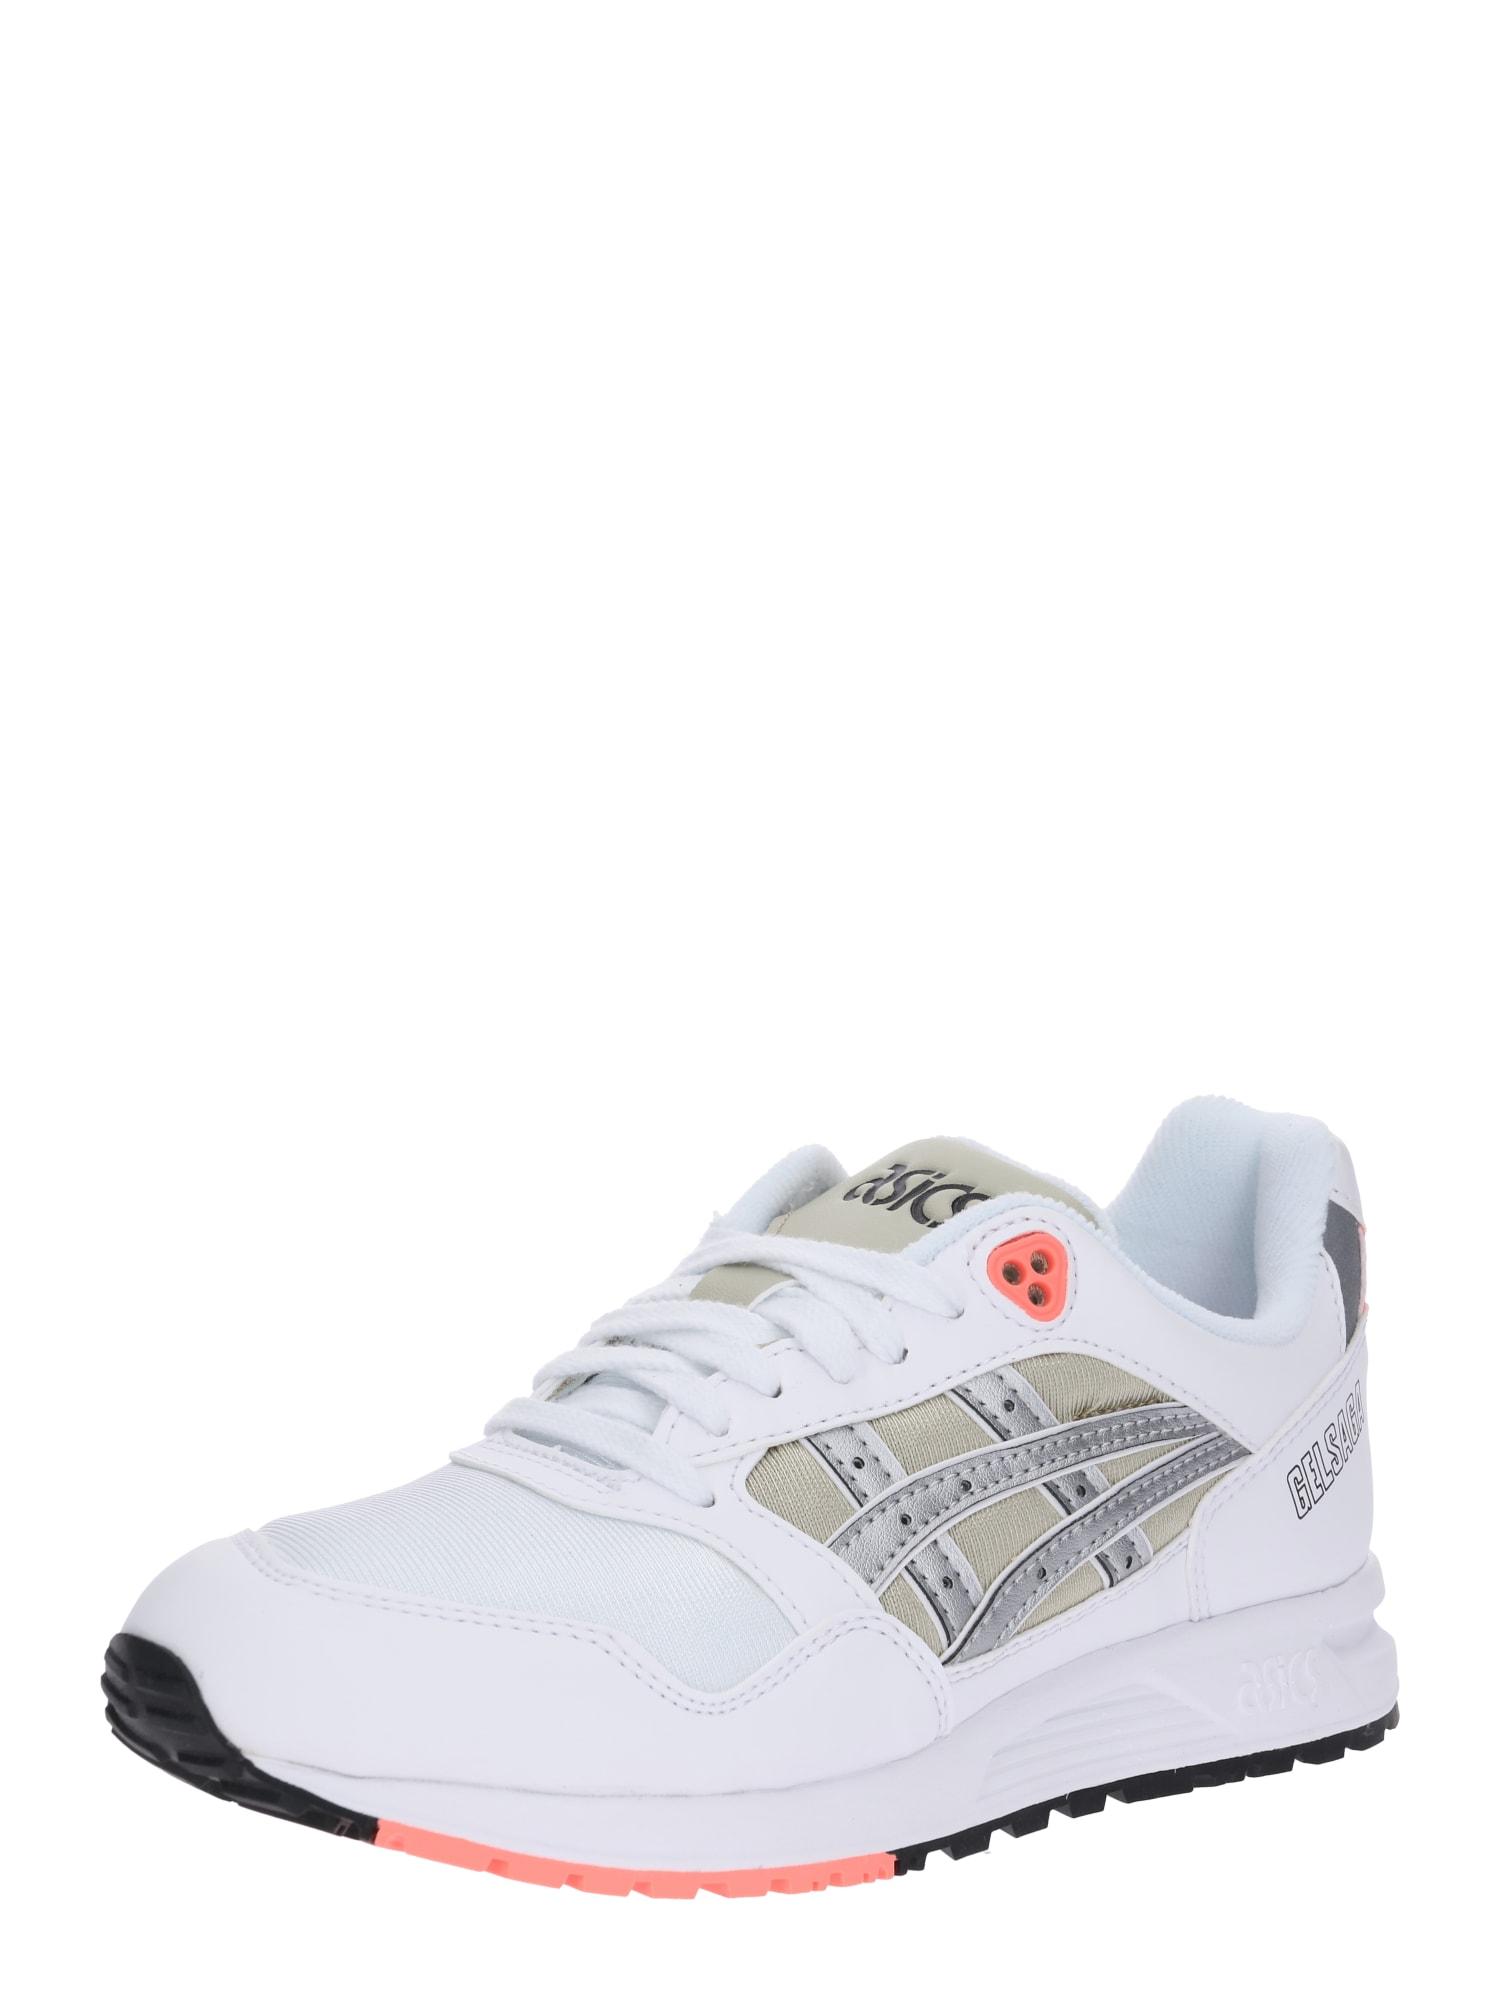 Tenisky GELSAGA khaki stříbrná bílá Asics Tiger